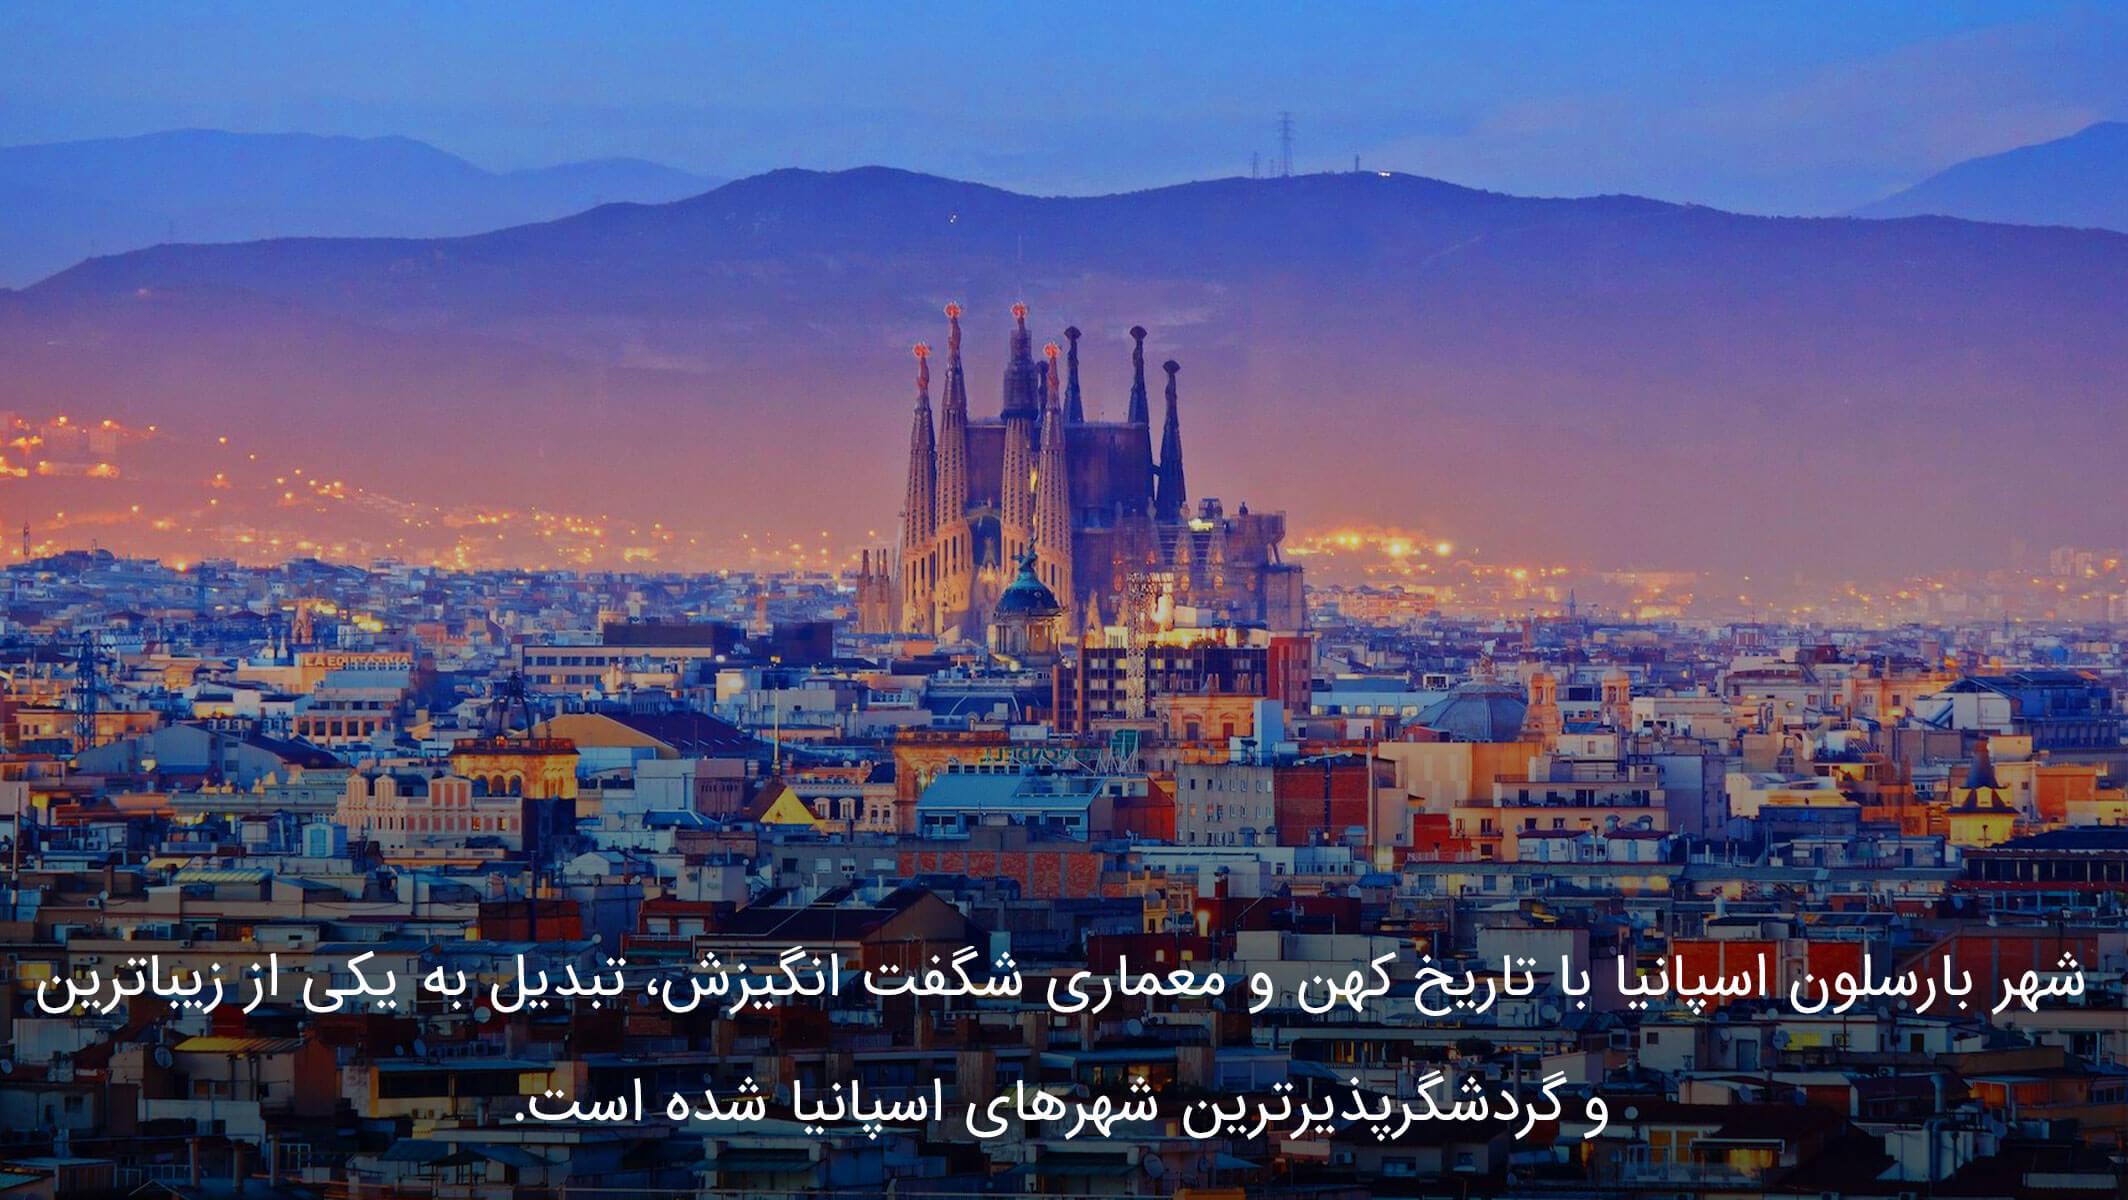 زیباترین دیدنی های بارسلونا اسپانیا